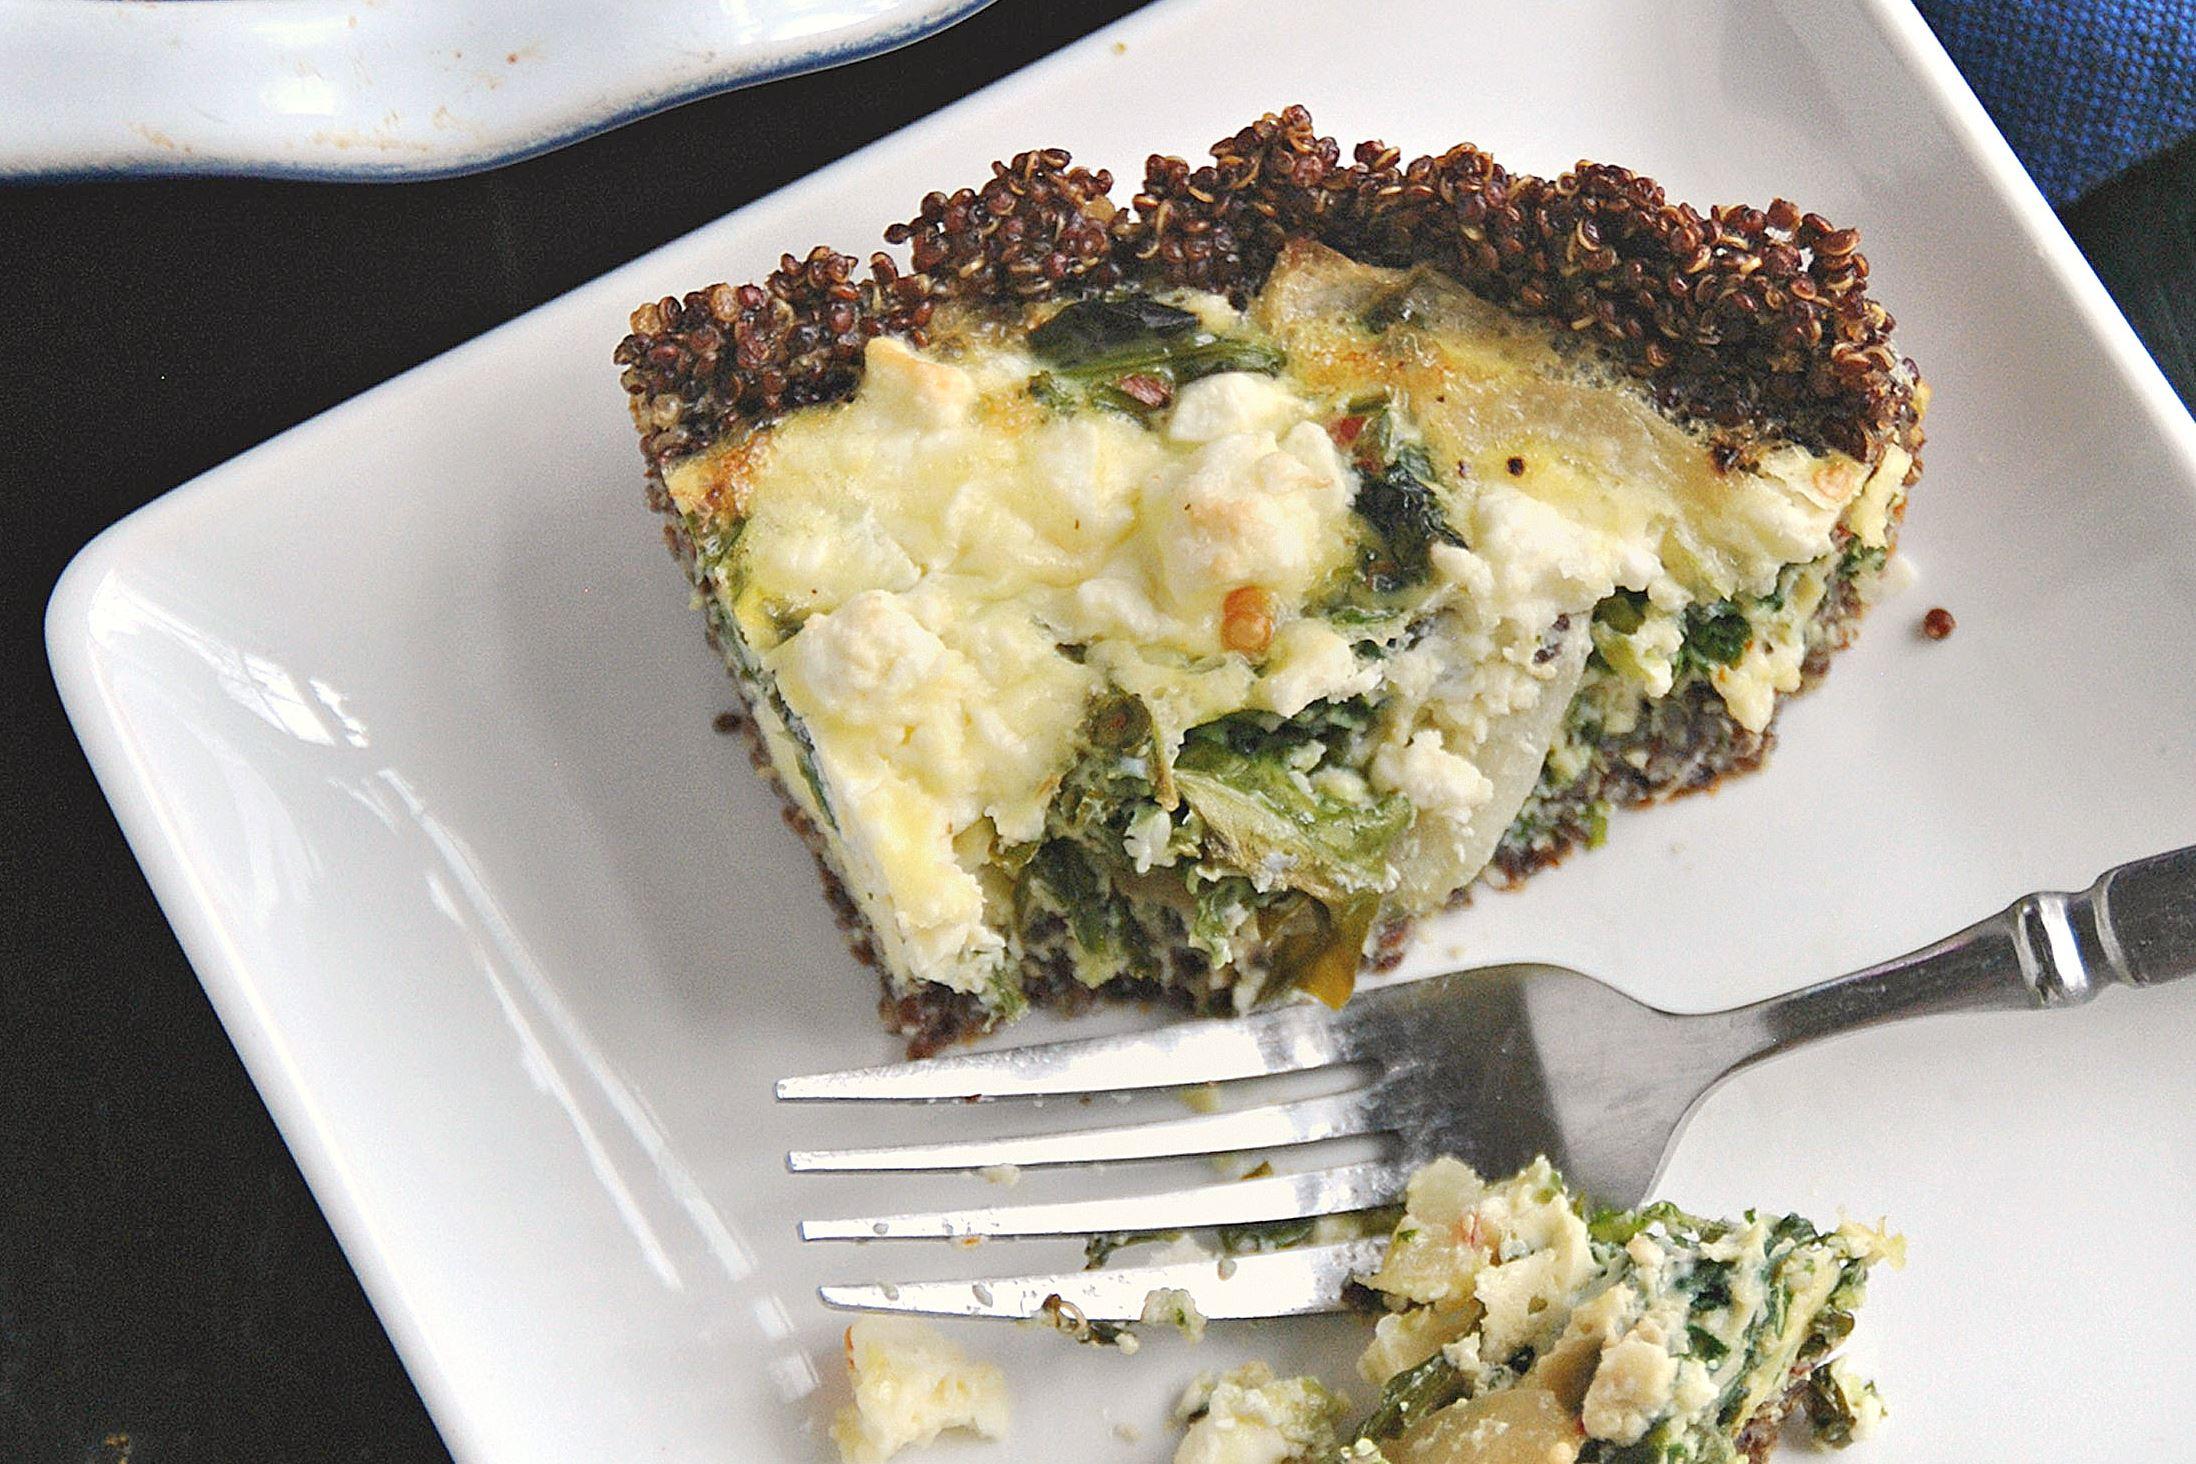 quinoa-quiche-1 Spinach and Feta Quiche With Quinoa Crust.